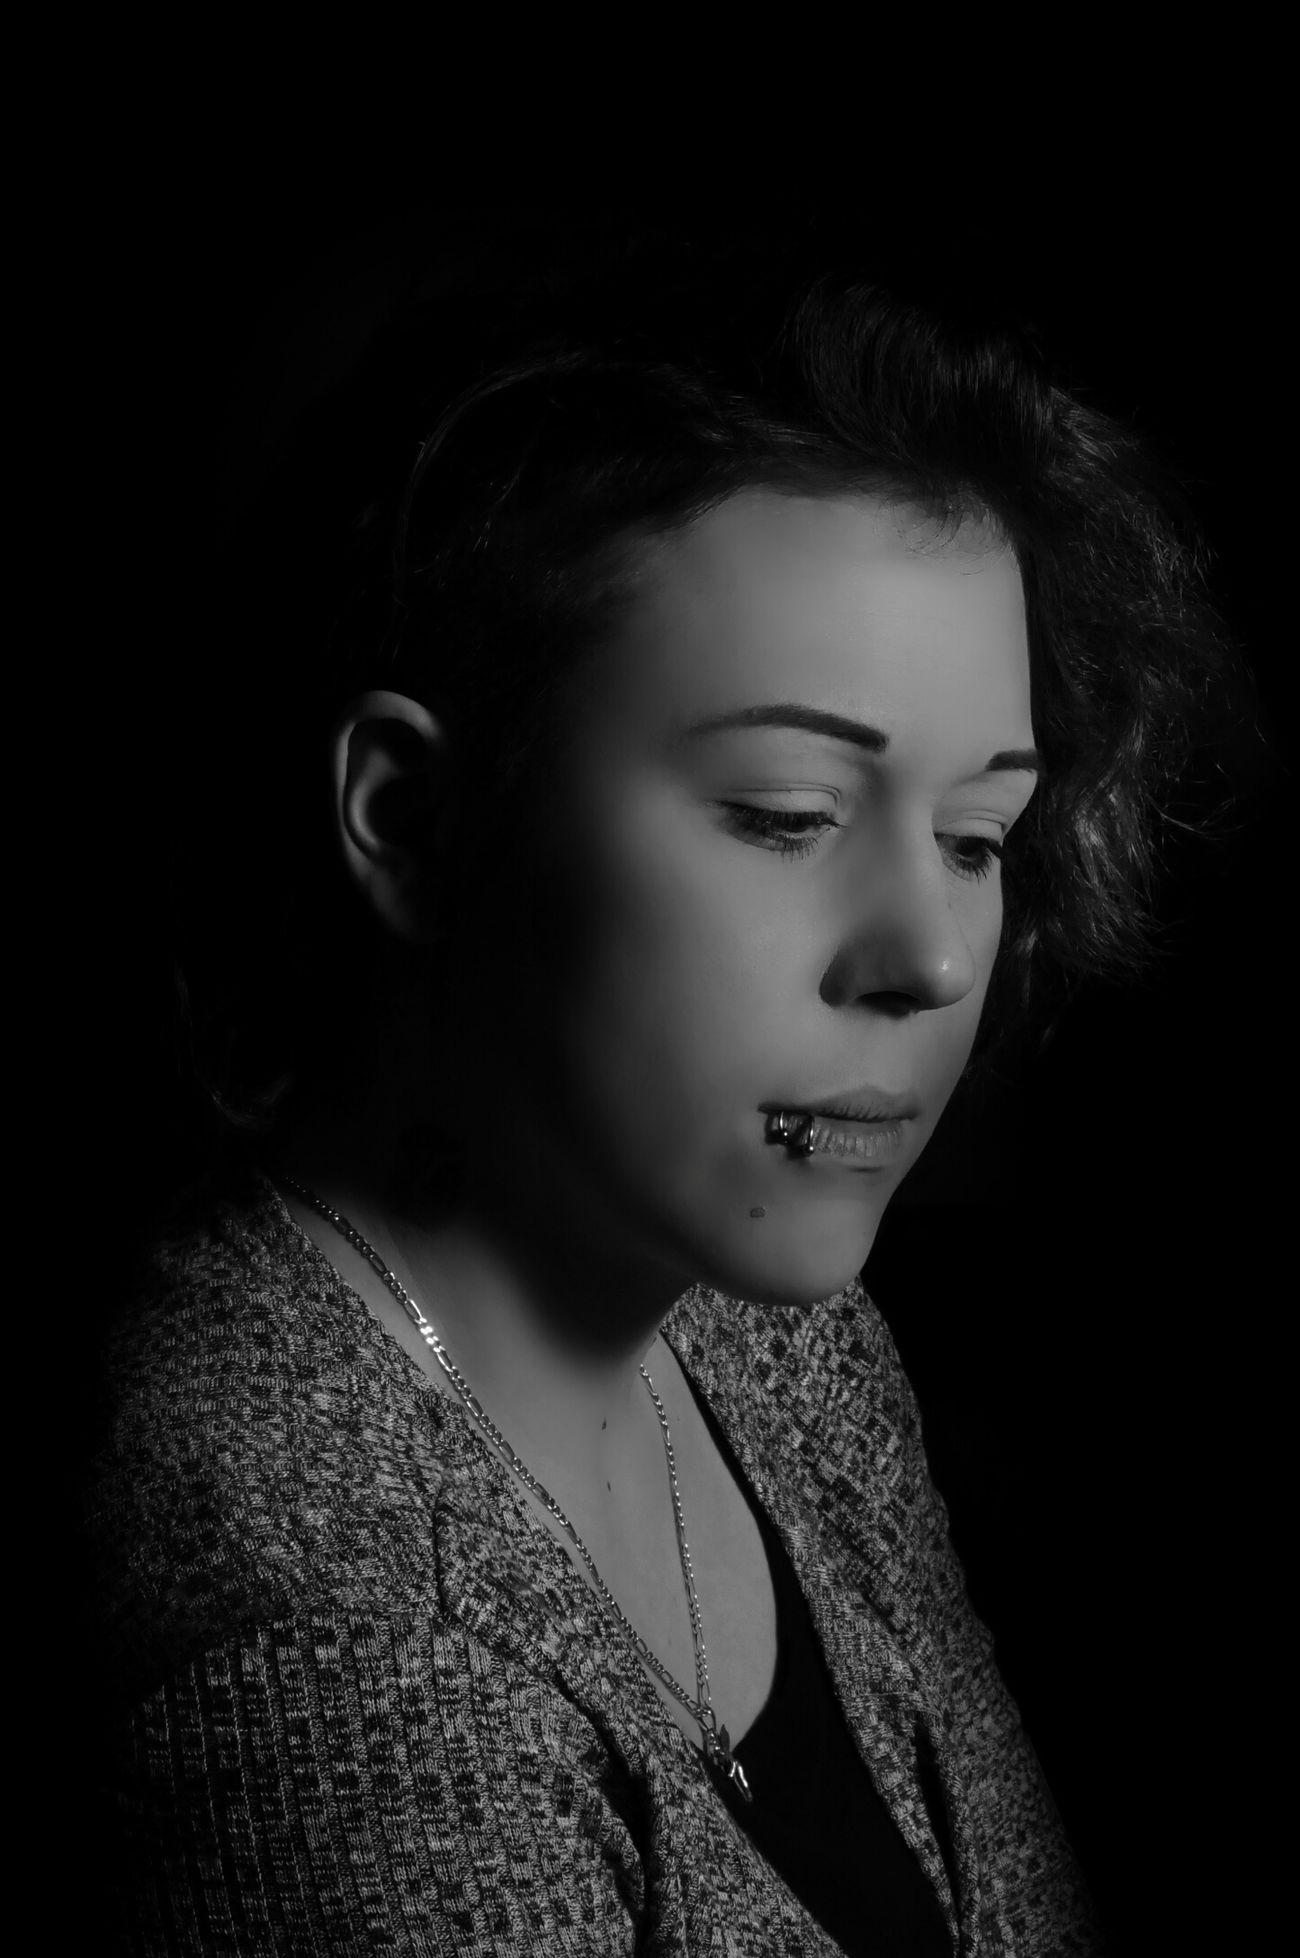 Taking Photos Flash Photography Flashphotography Blackandwhite Photography Black And White Flashlight 50mm 1.4 Lowkey  Low Key Portrait Of A Woman Woman Face Shadows & Lights Verträumt Portrait Portrait Photography FaceShot